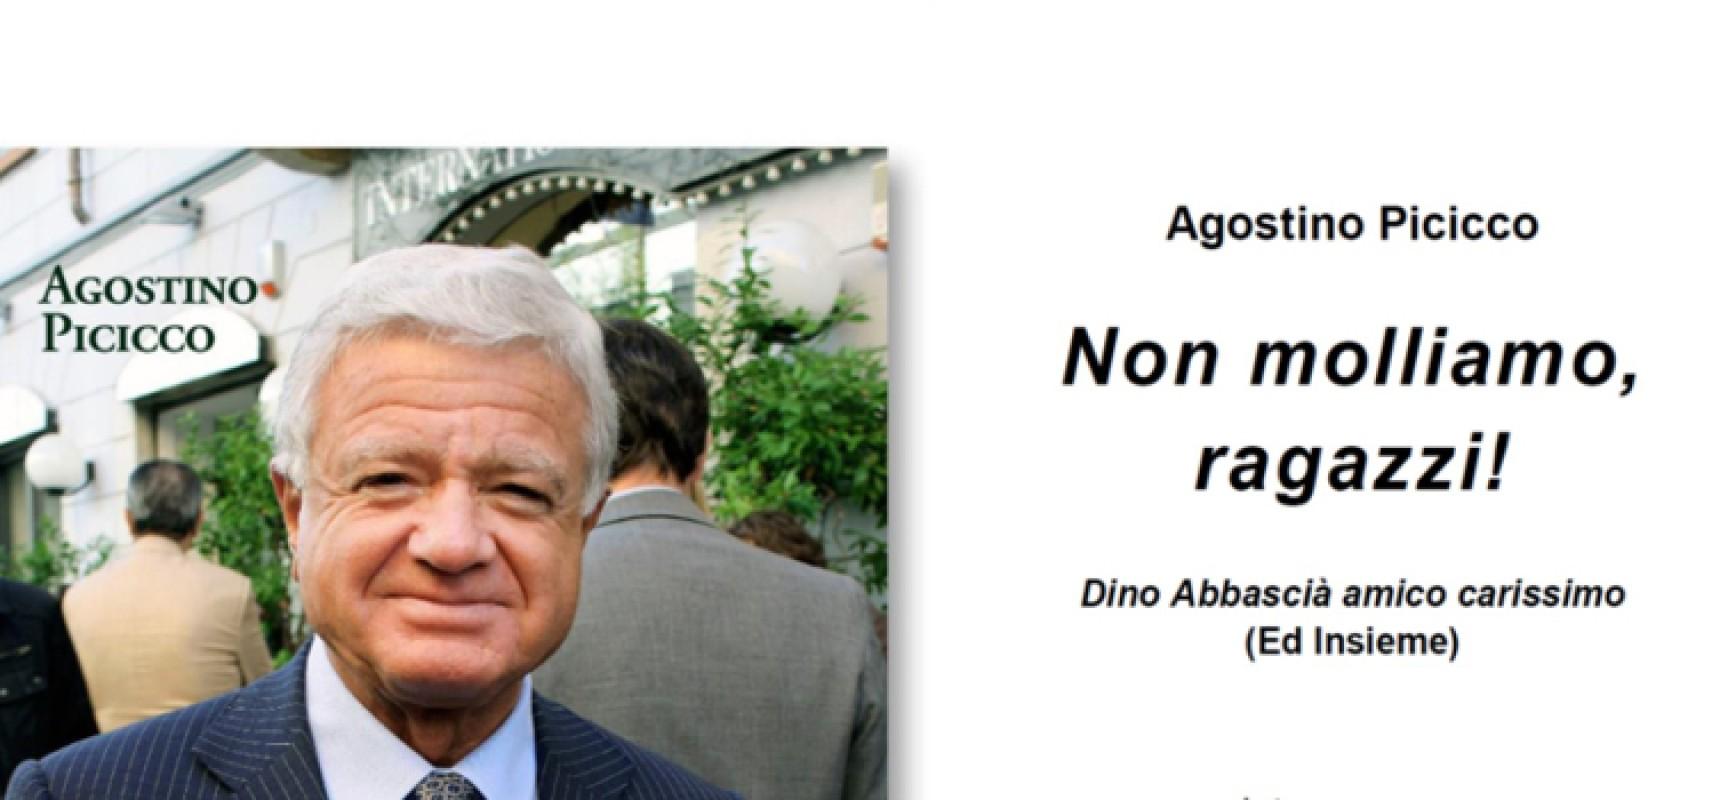 """""""Non molliamo, ragazzi"""", Agostino Picicco presenta il suo libro su Dino Abbascià"""